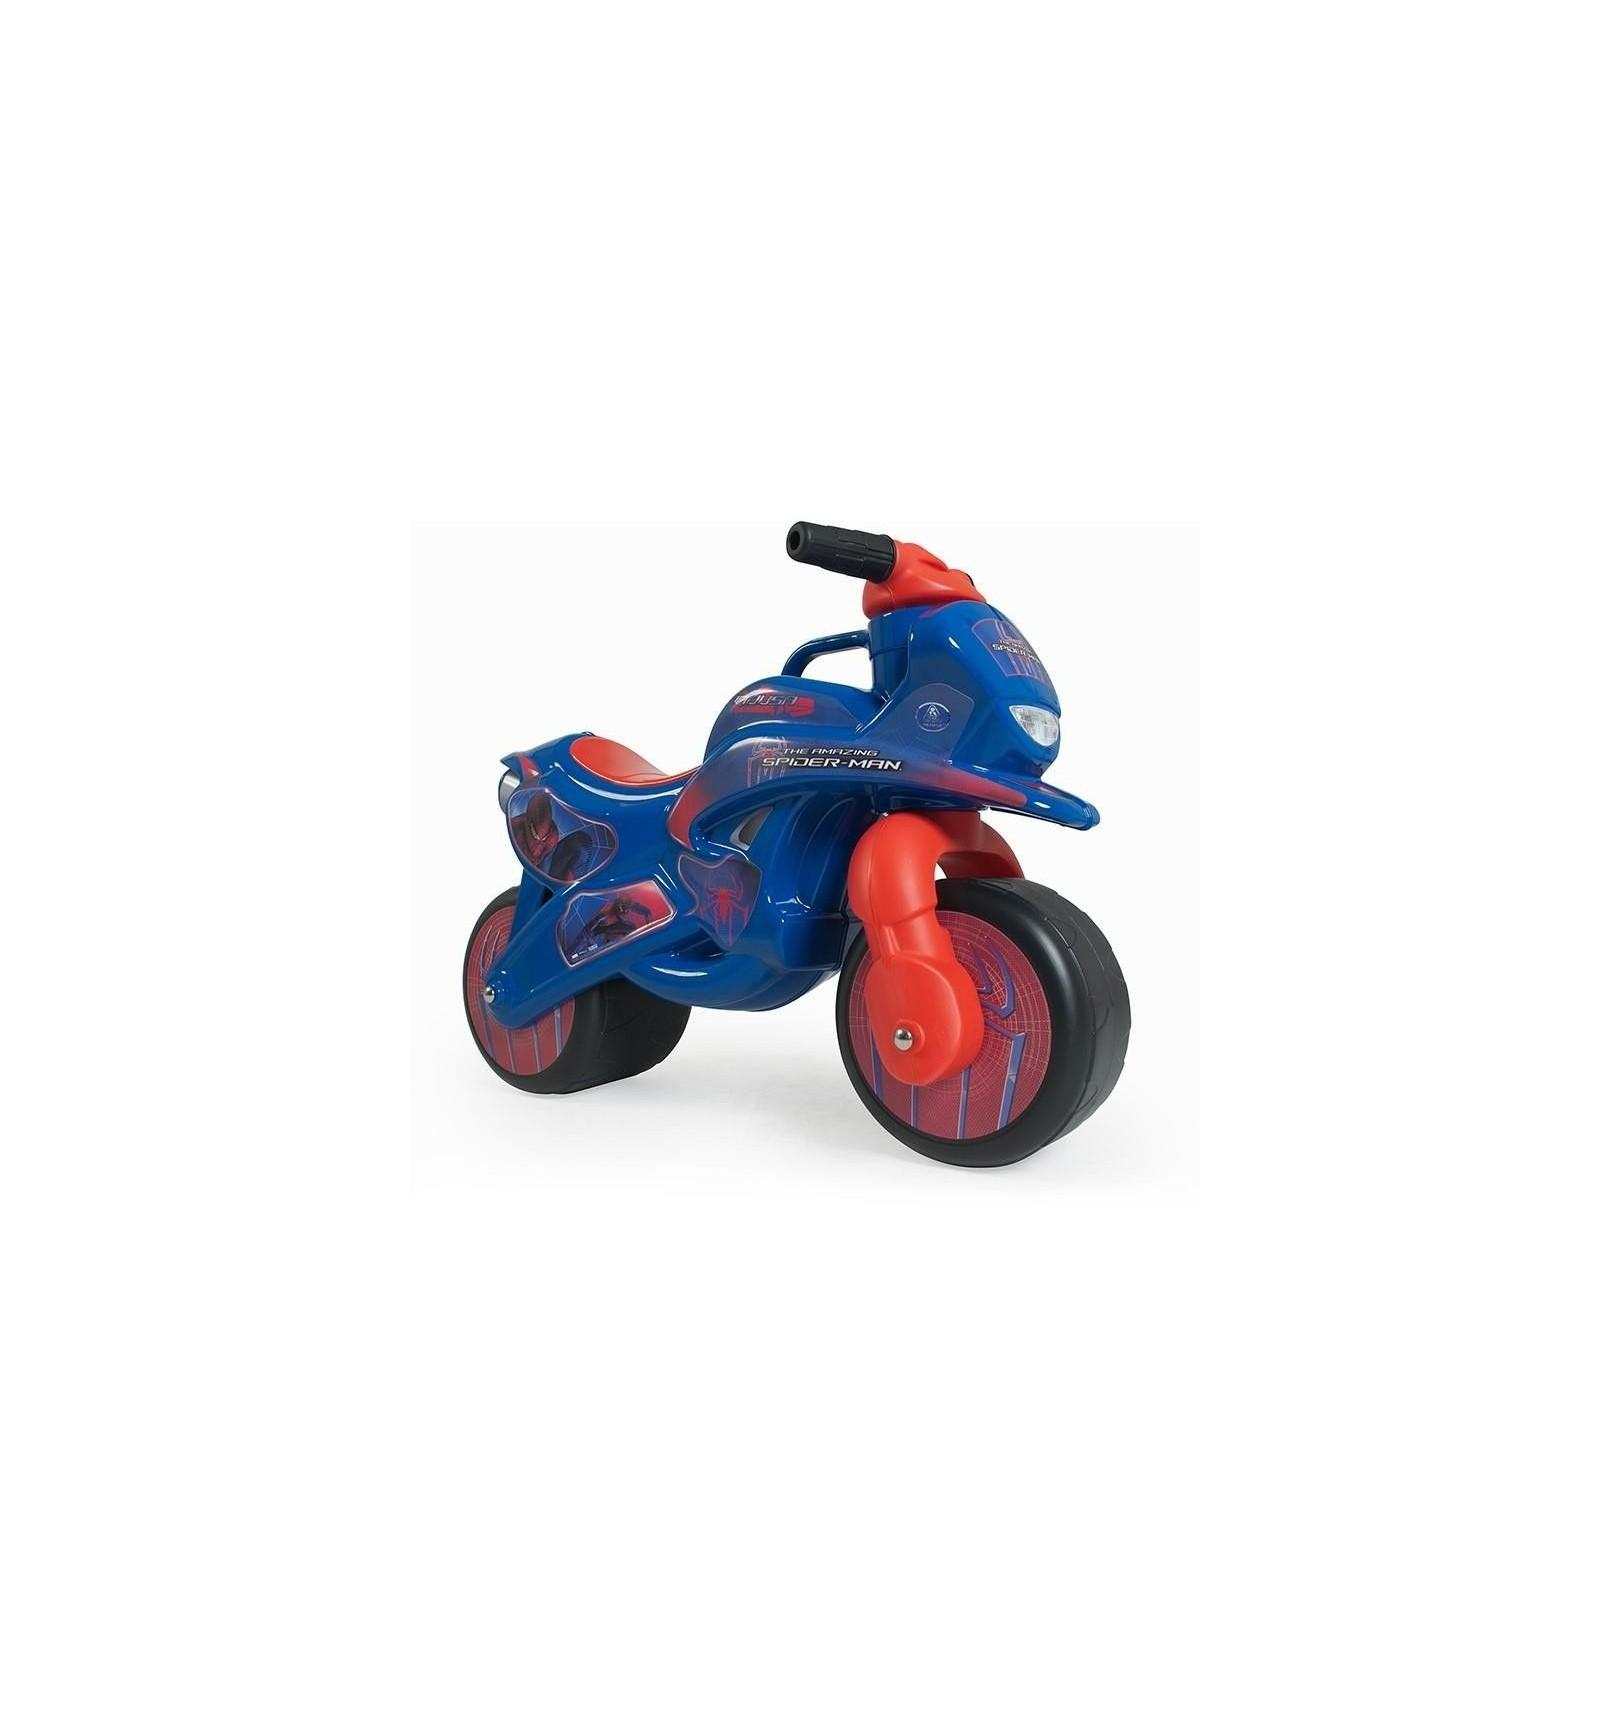 Moto spiderman - Spider man moto ...